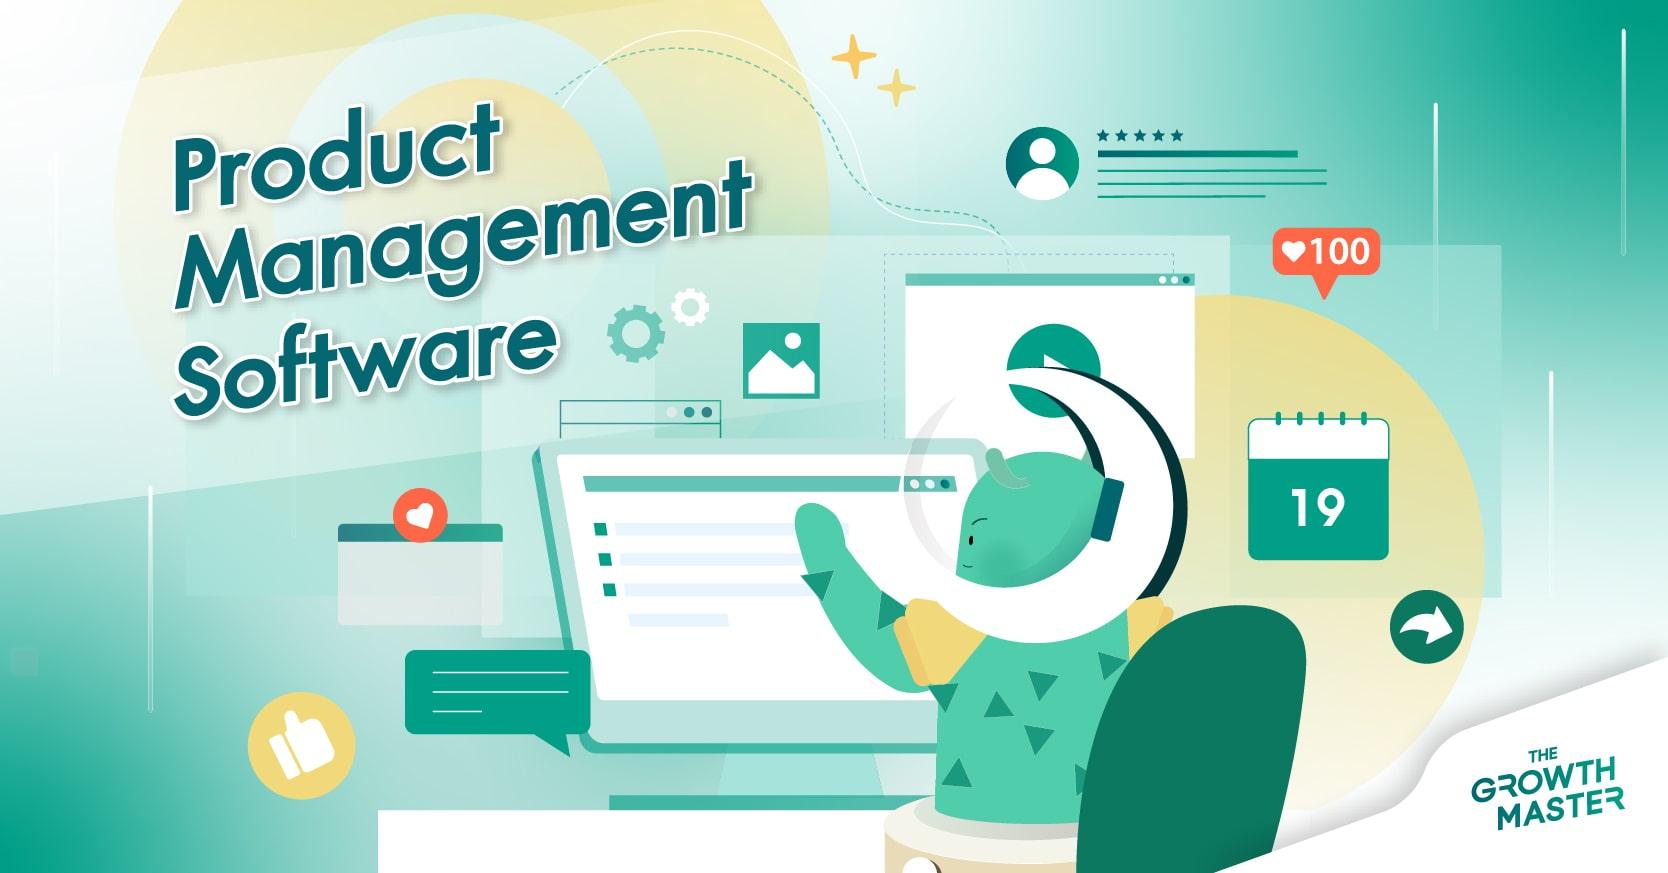 แนะนำ 7 ซอฟต์แวร์ด้าน Product Management ที่สายงานไหนก็ใช้ได้